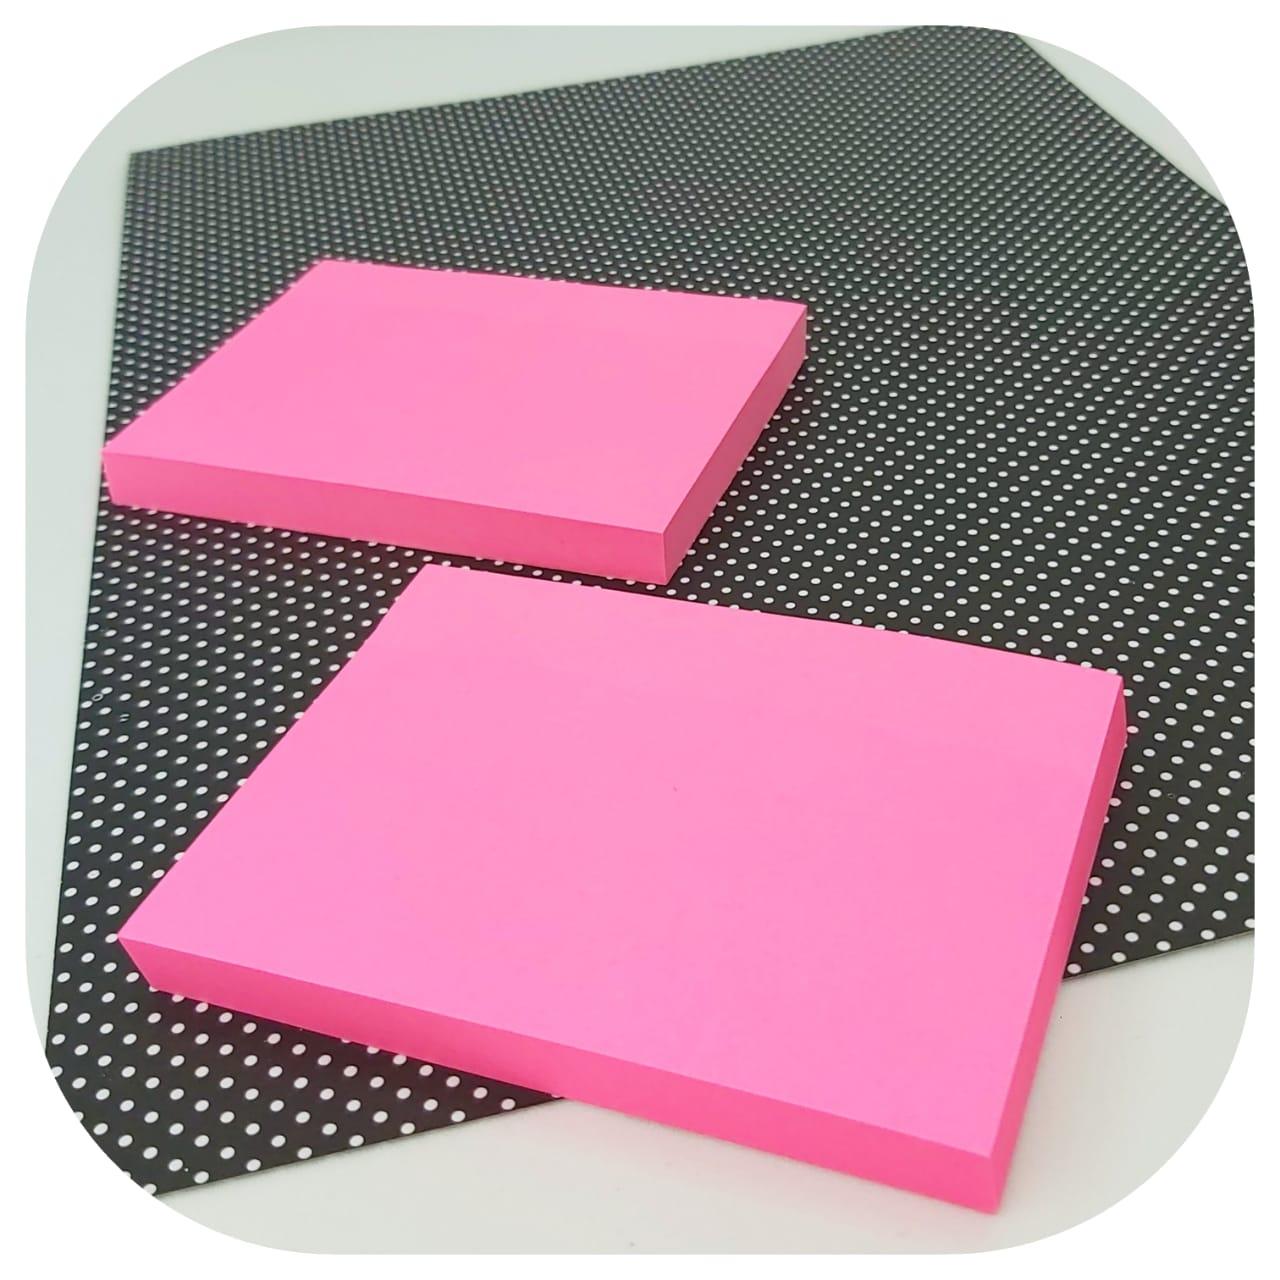 Bloco de Anotações Colável - 76x102mm - Rosa Neon - BRW